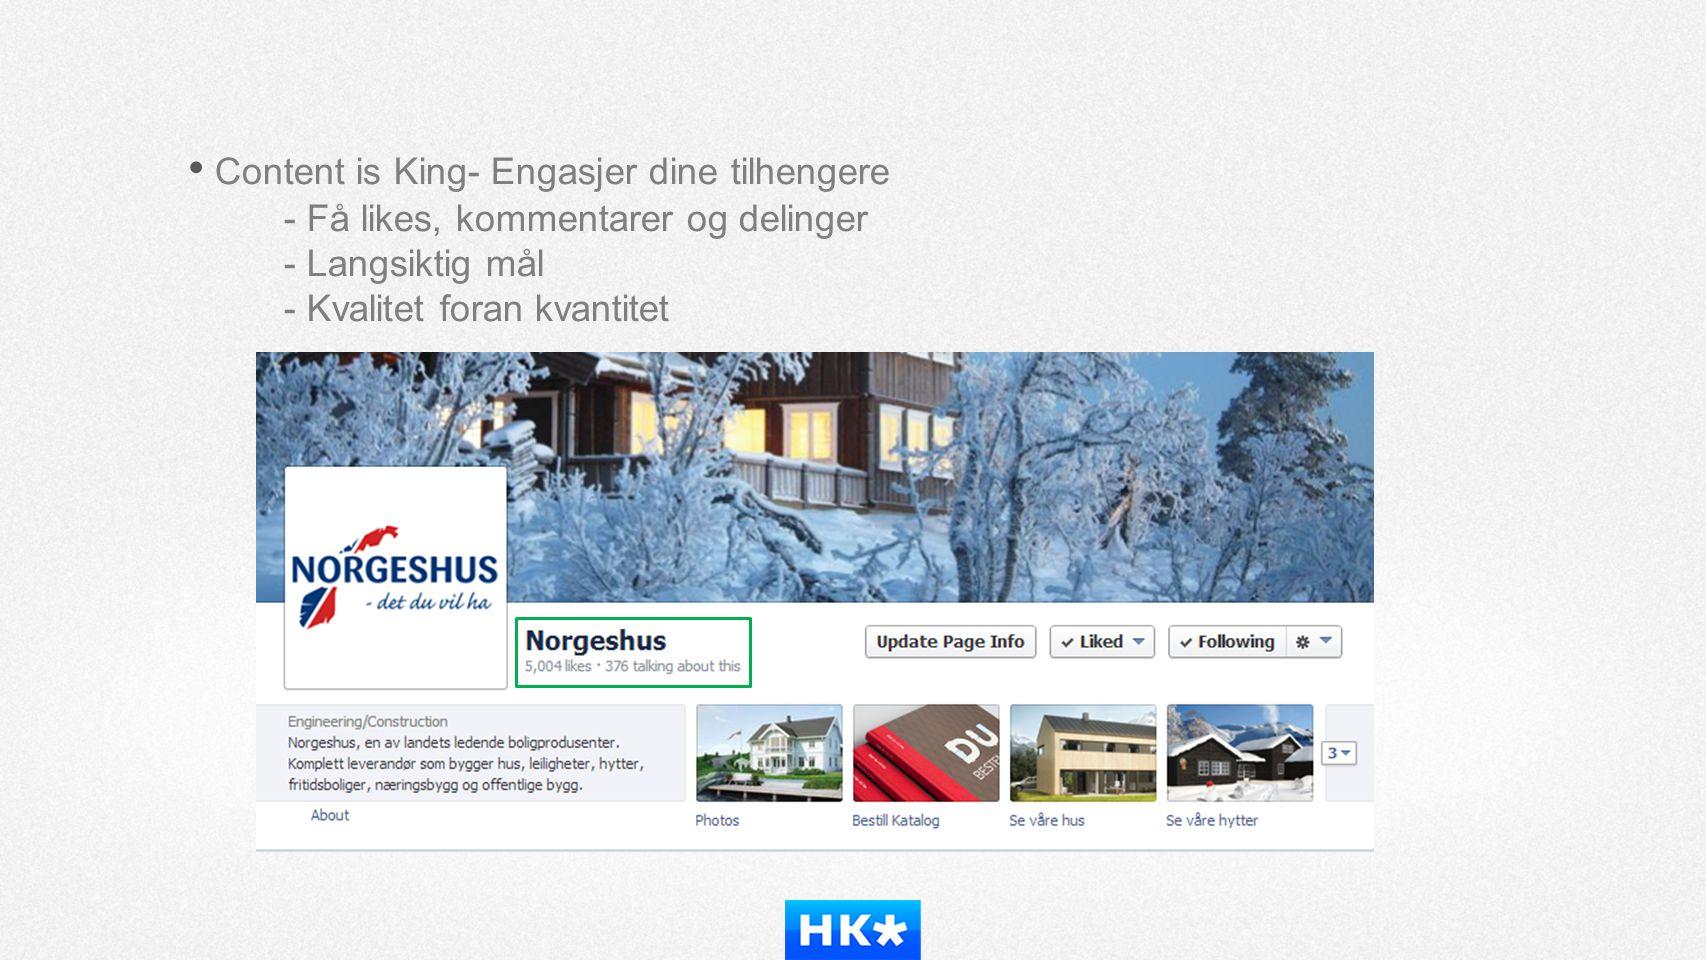 • Content is King- Engasjer dine tilhengere - Få likes, kommentarer og delinger - Langsiktig mål - Kvalitet foran kvantitet